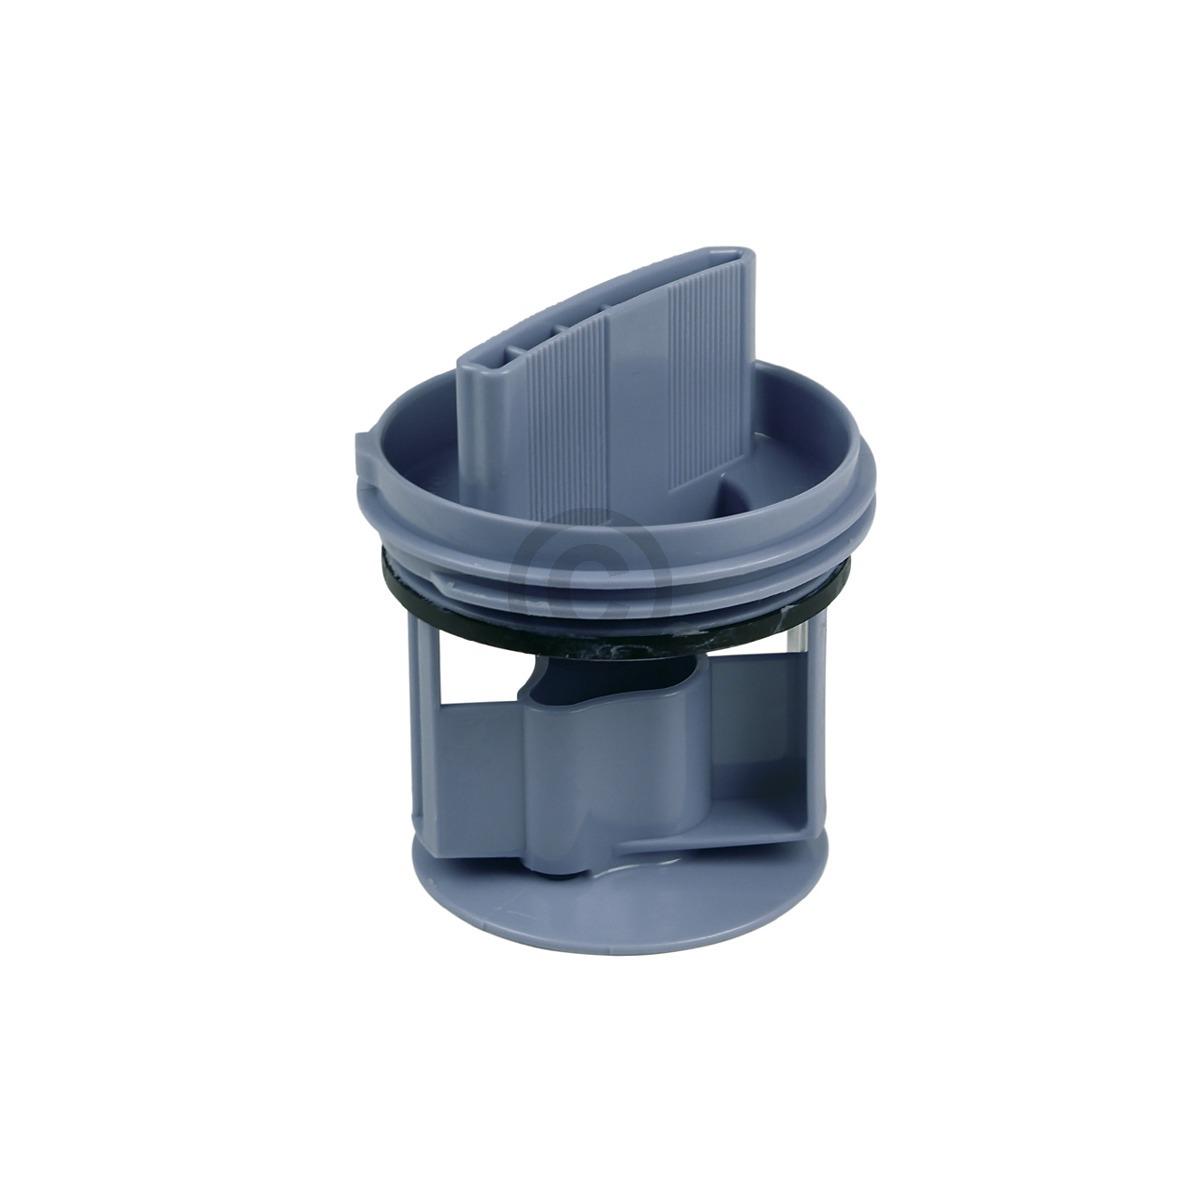 Flusensiebseinsatz Bosch 00647920 für Askoll Original Ablaufpumpe Waschmaschine